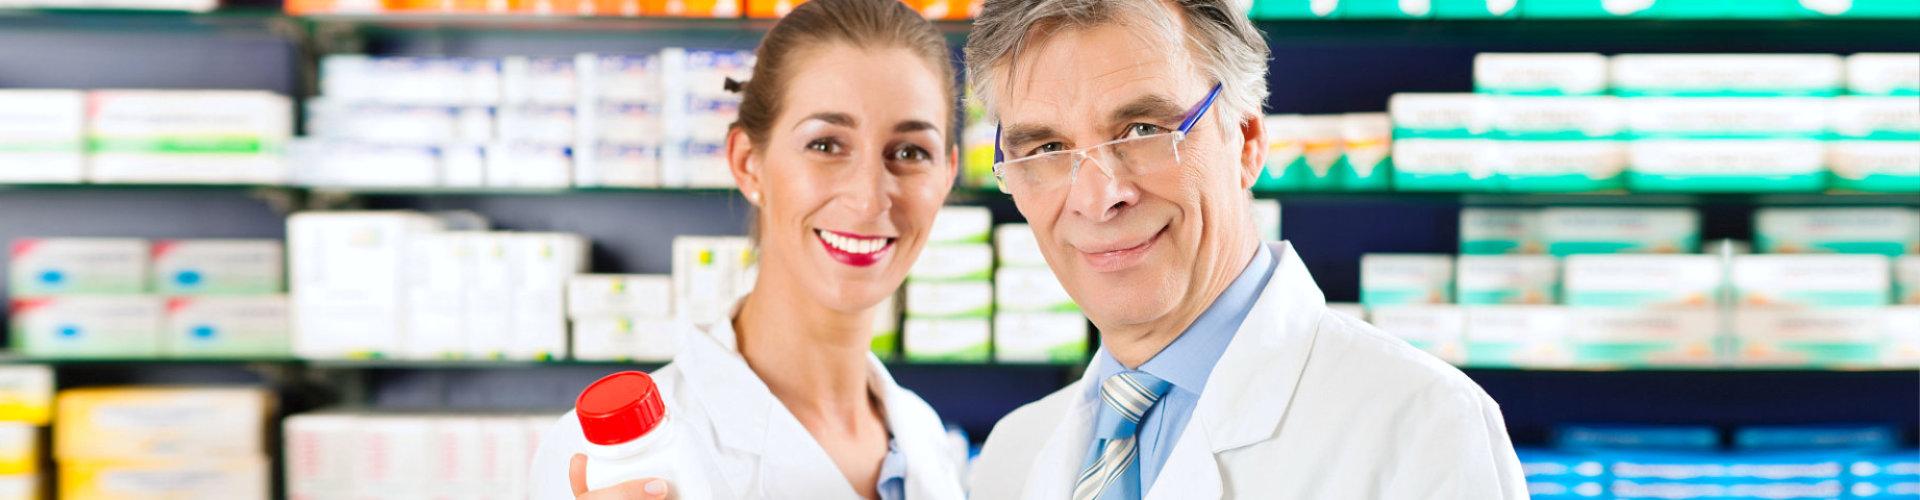 senior pharmacist and female pharmacist smiling